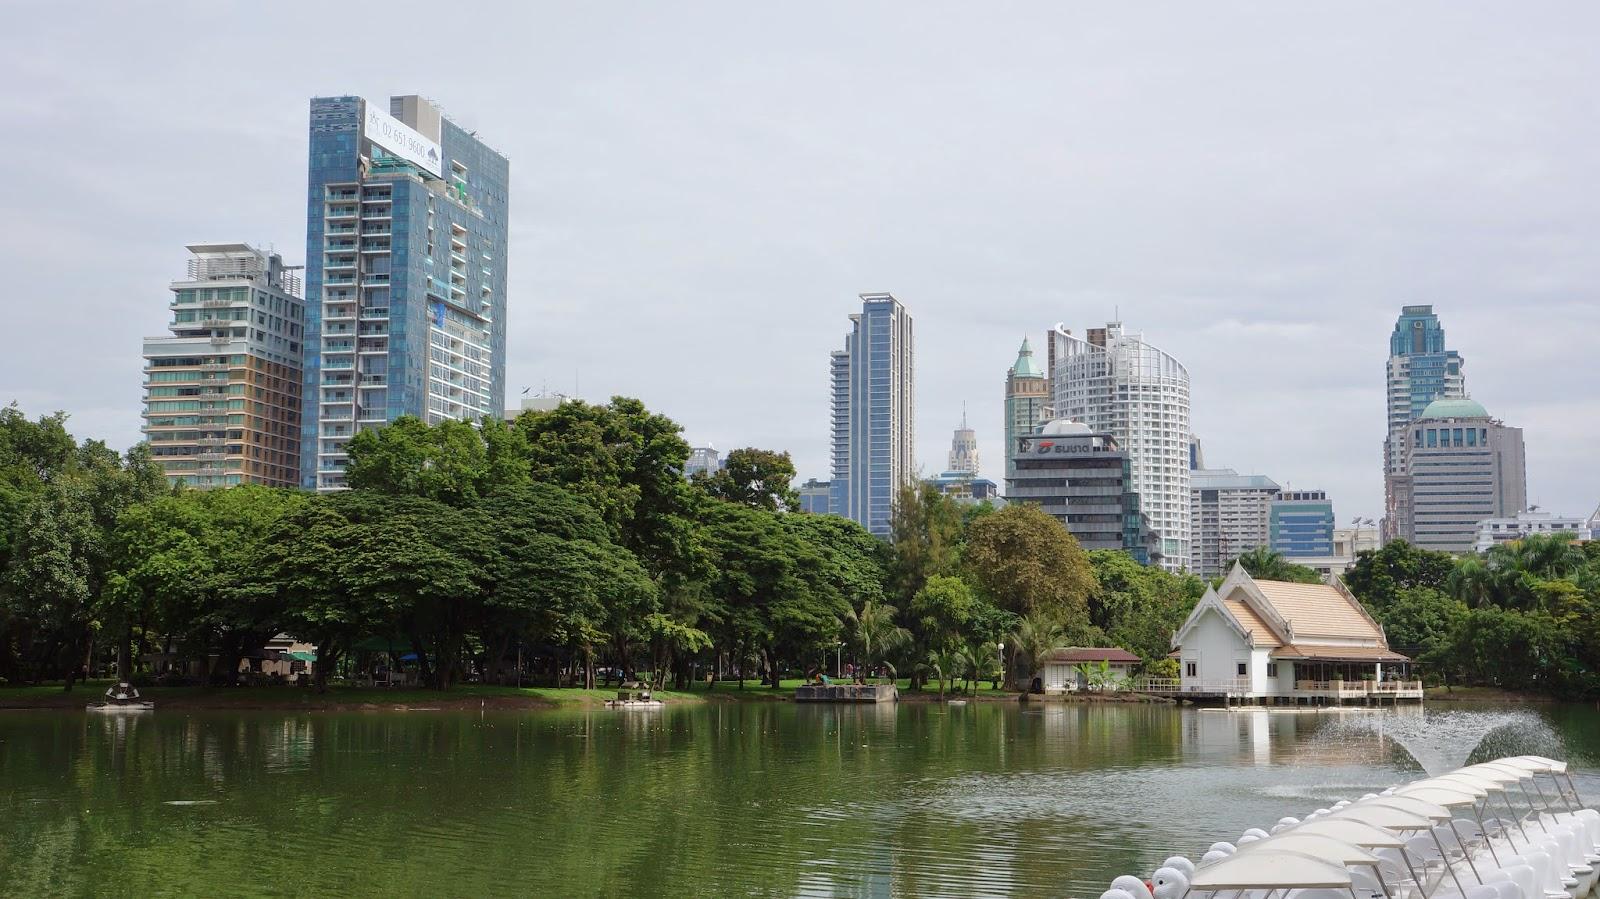 Lumpini Park, Bangkok's largest park